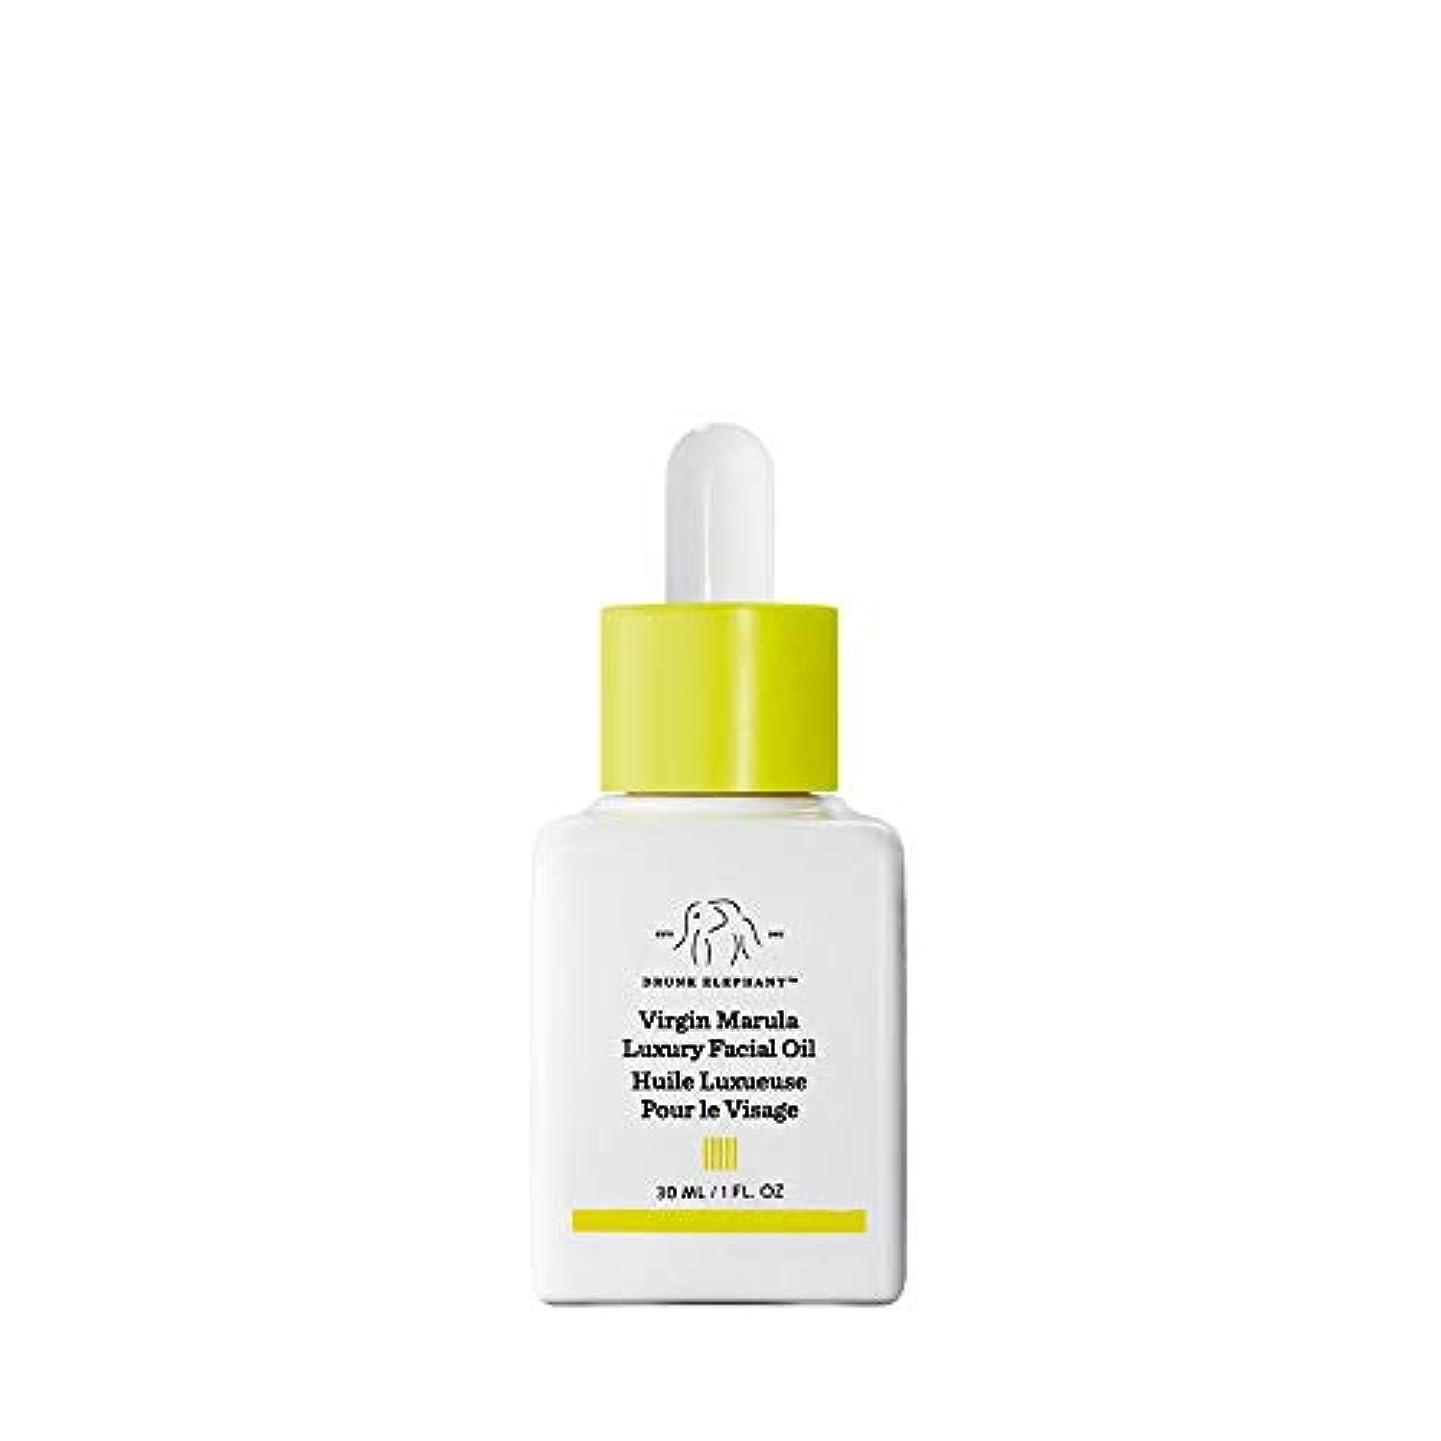 リズミカルな禁じる遅滞DRUNK ELEPHANT Virgin Marula Luxury Facial Oil 1 oz/ 30 ml ドランクエレファント バージンマルラ ラグジュアリー フェイシャルオイル1 oz/ 30 ml